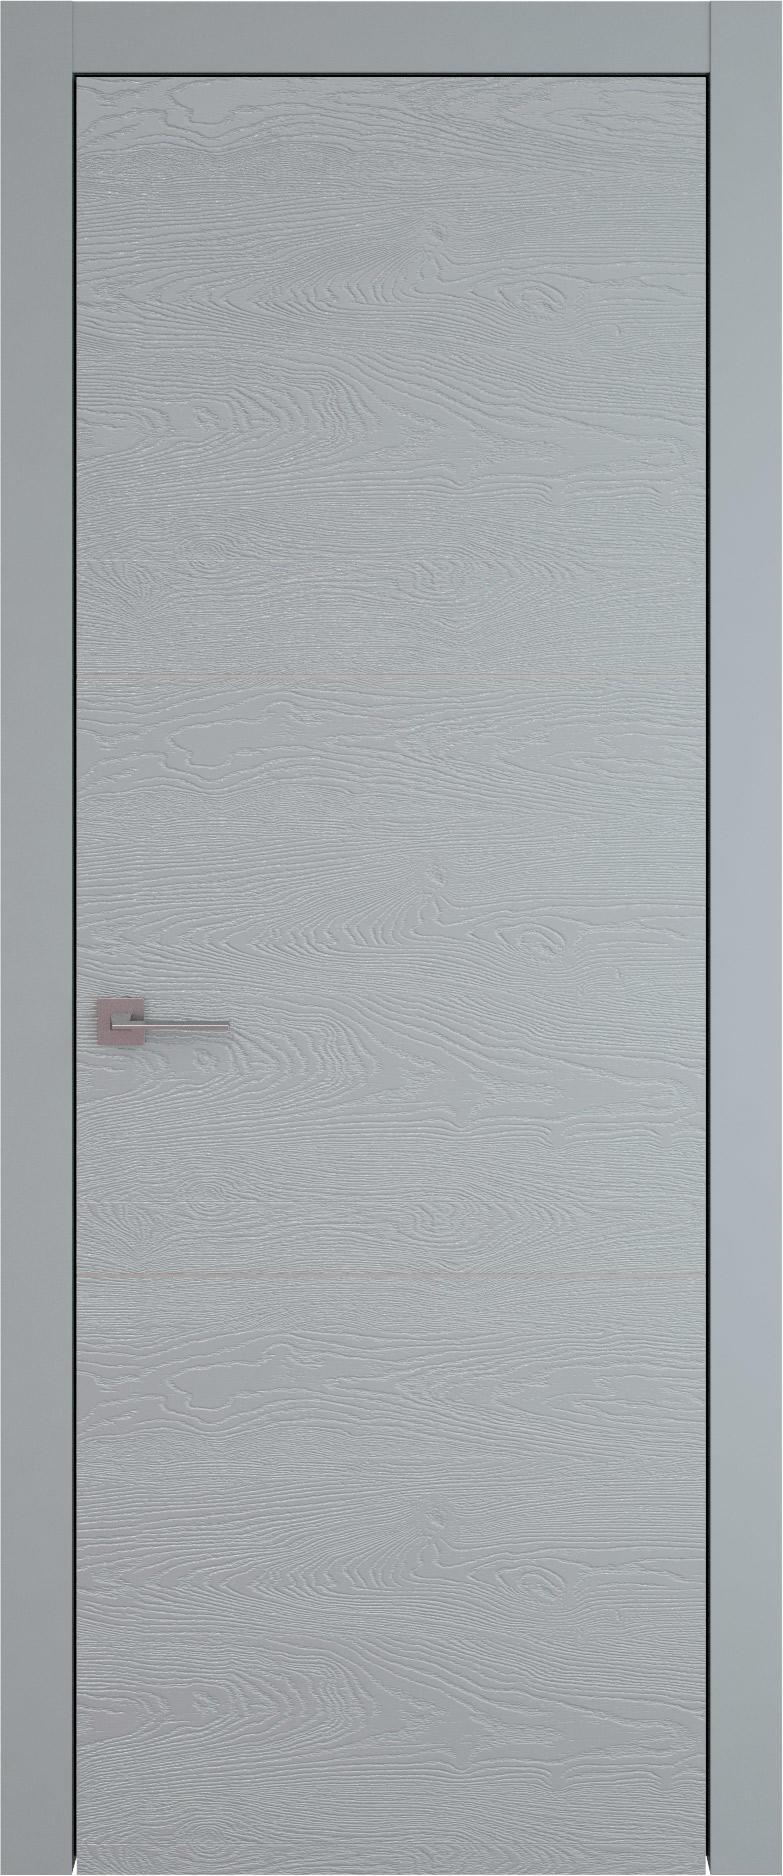 Tivoli В-3 цвет - Серебристо-серая эмаль по шпону (RAL 7045) Без стекла (ДГ)